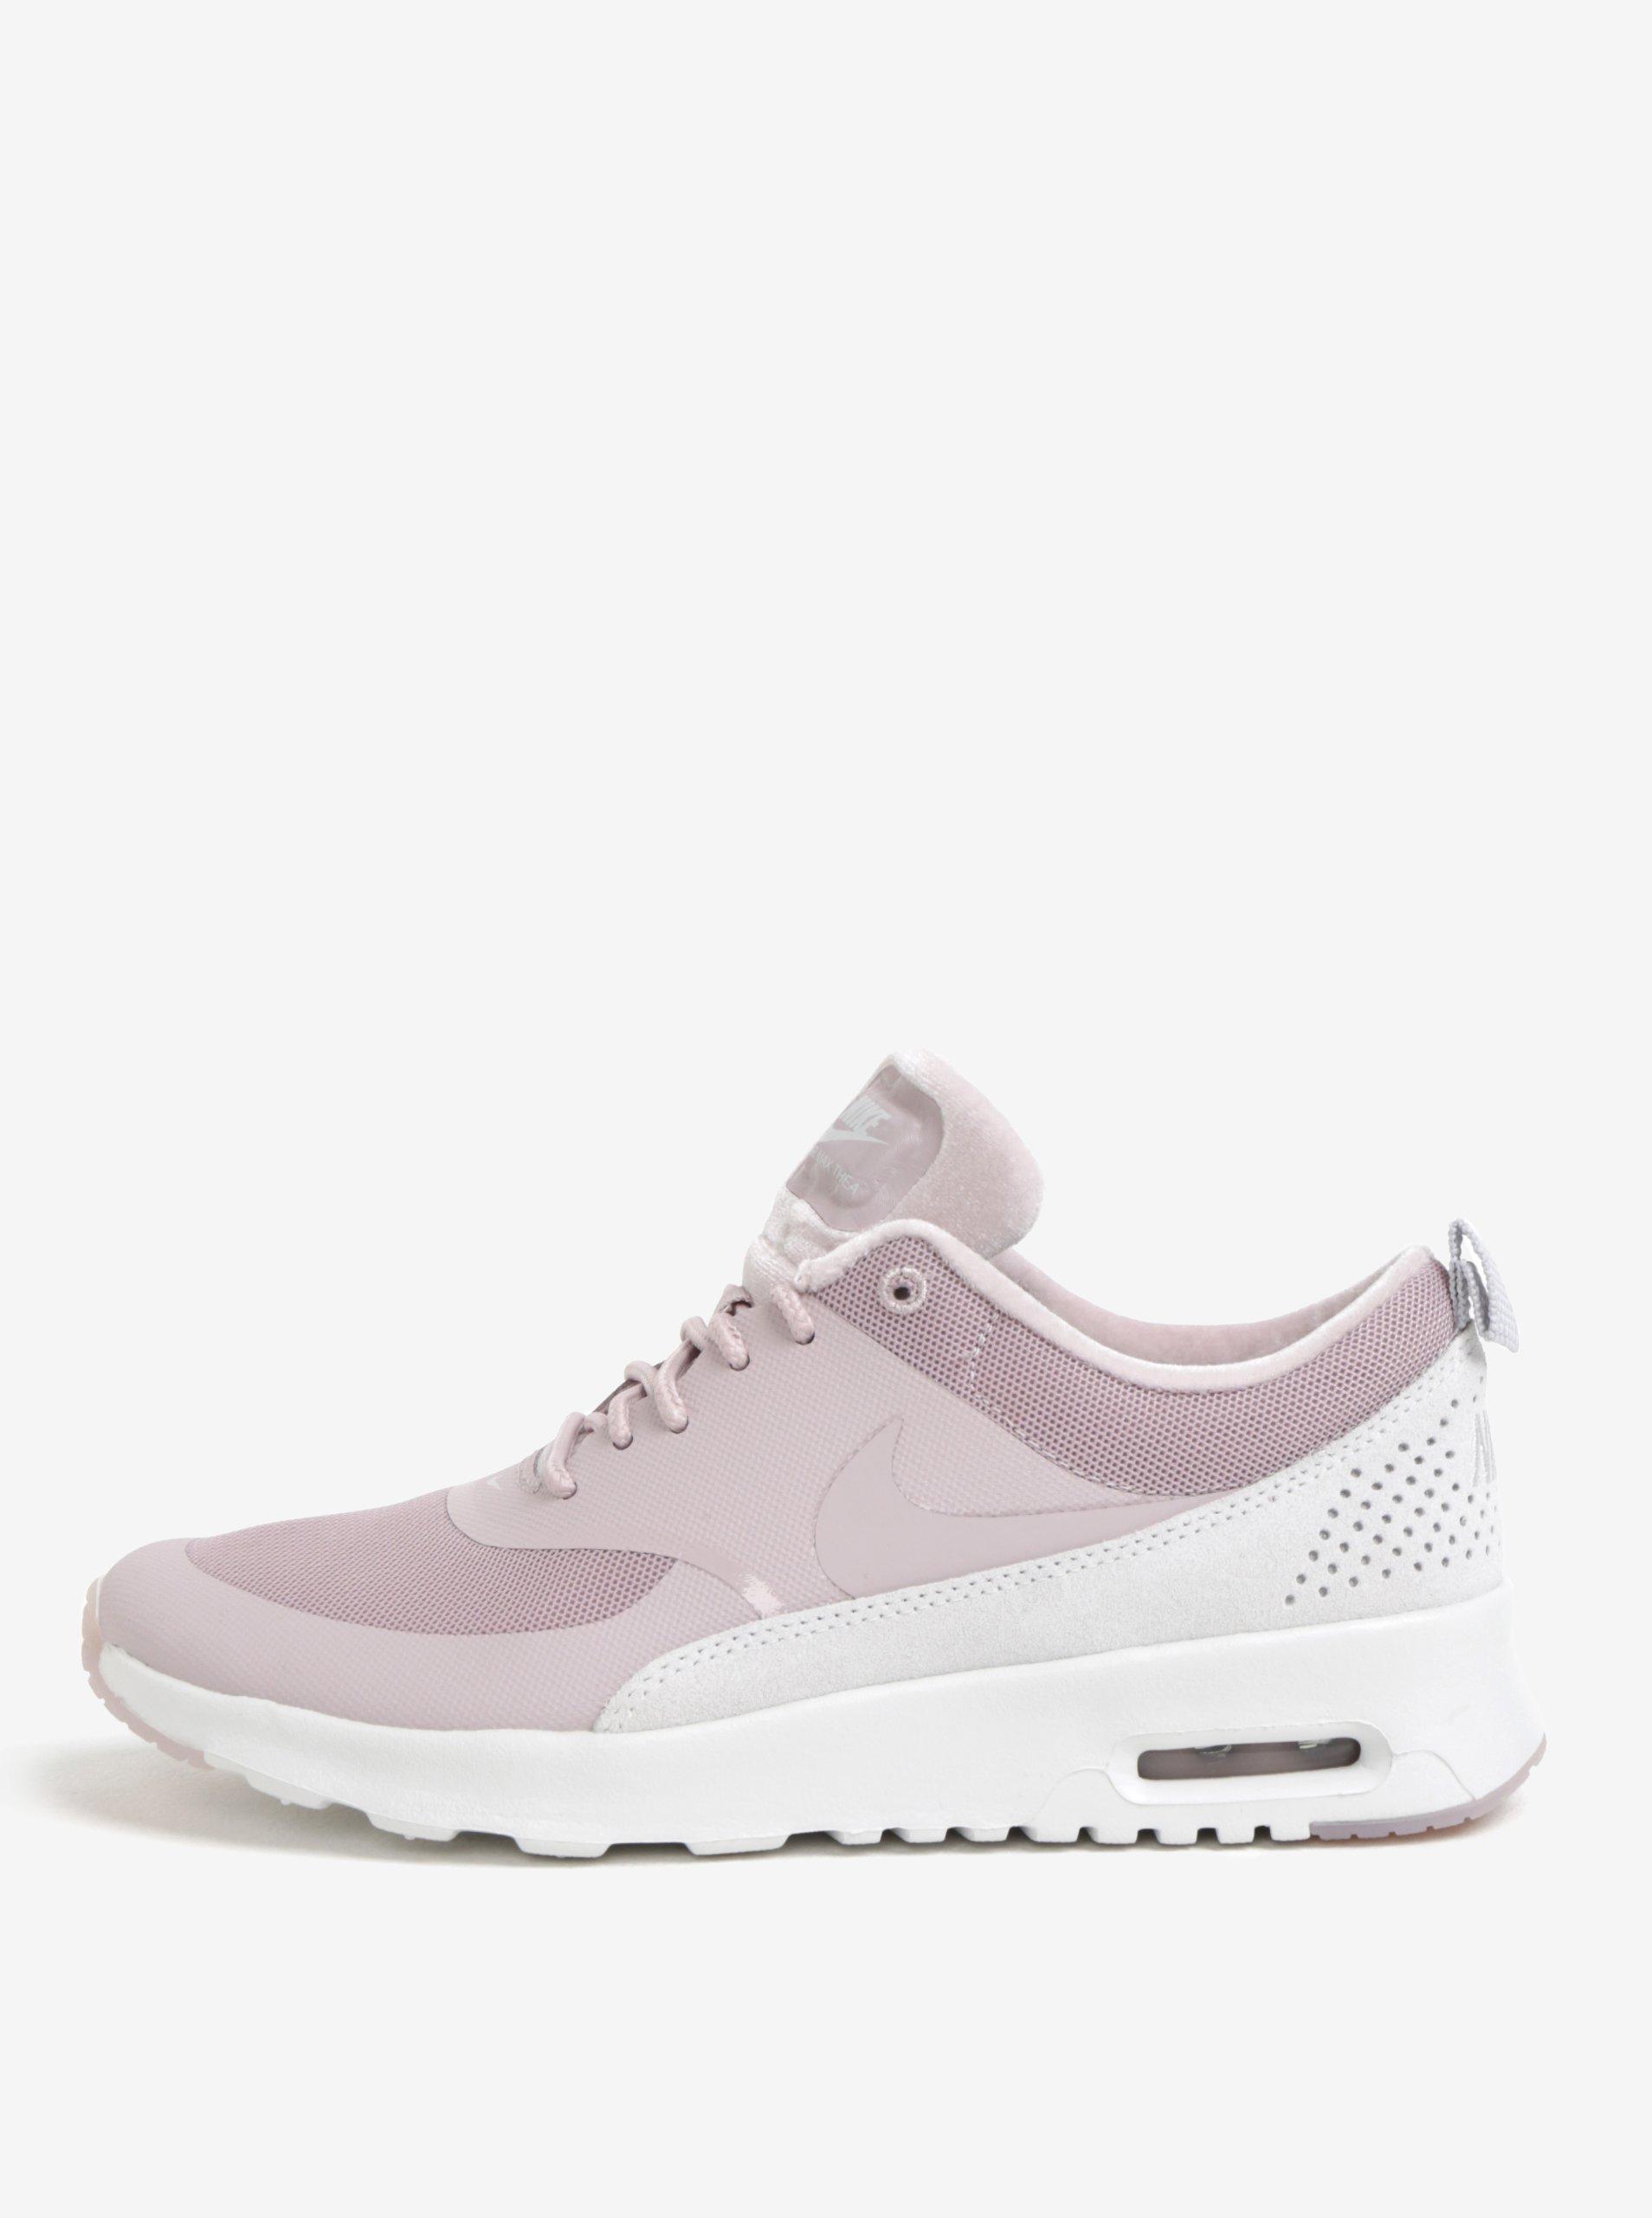 0e3ee8c0c4 Svetloružové dámske tenisky so semišovými detailmi Nike Air Max Thea ...